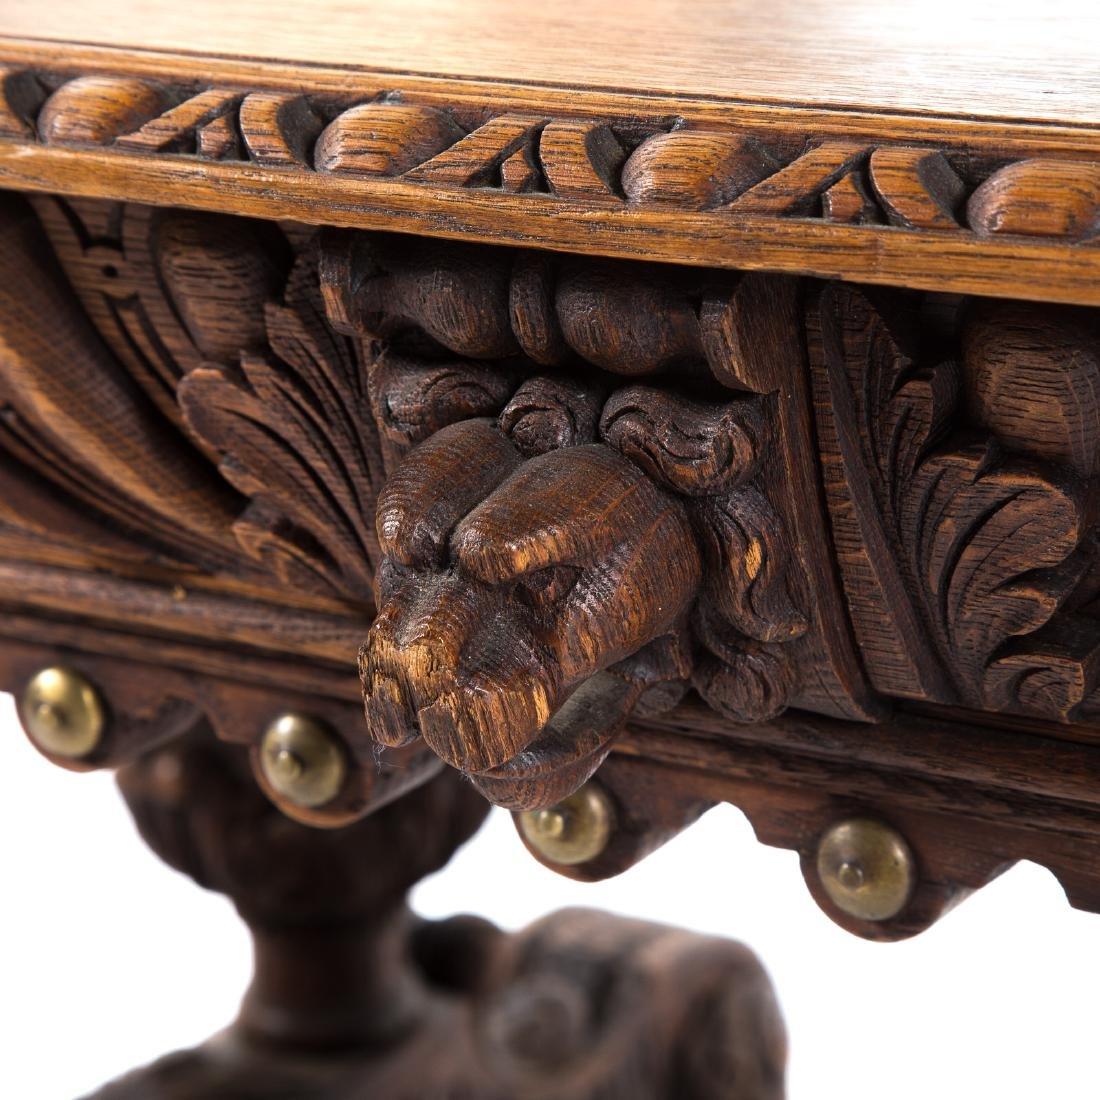 Elizabethan Revival carved oak library table - 4